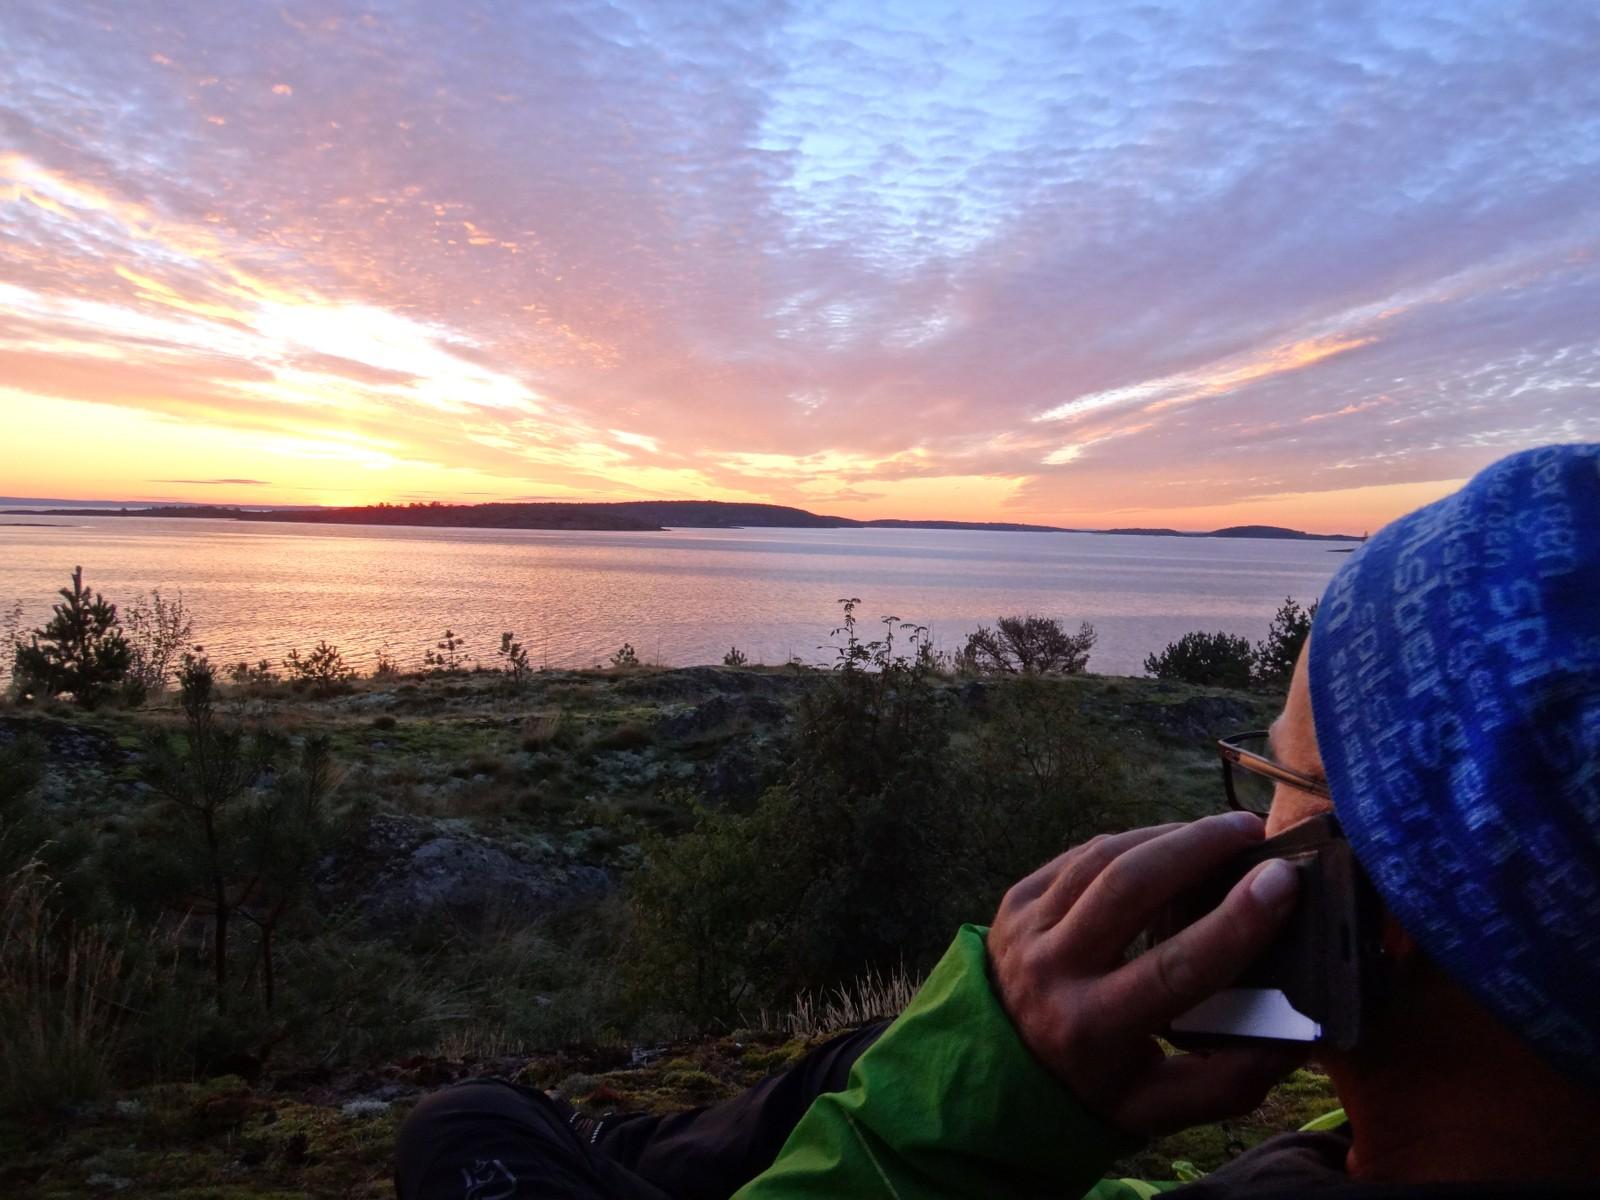 Tom snakker med NRK Vestfoldsendinga på telefonen, mens han nyter utsikten over Vestfold-skjærgården.